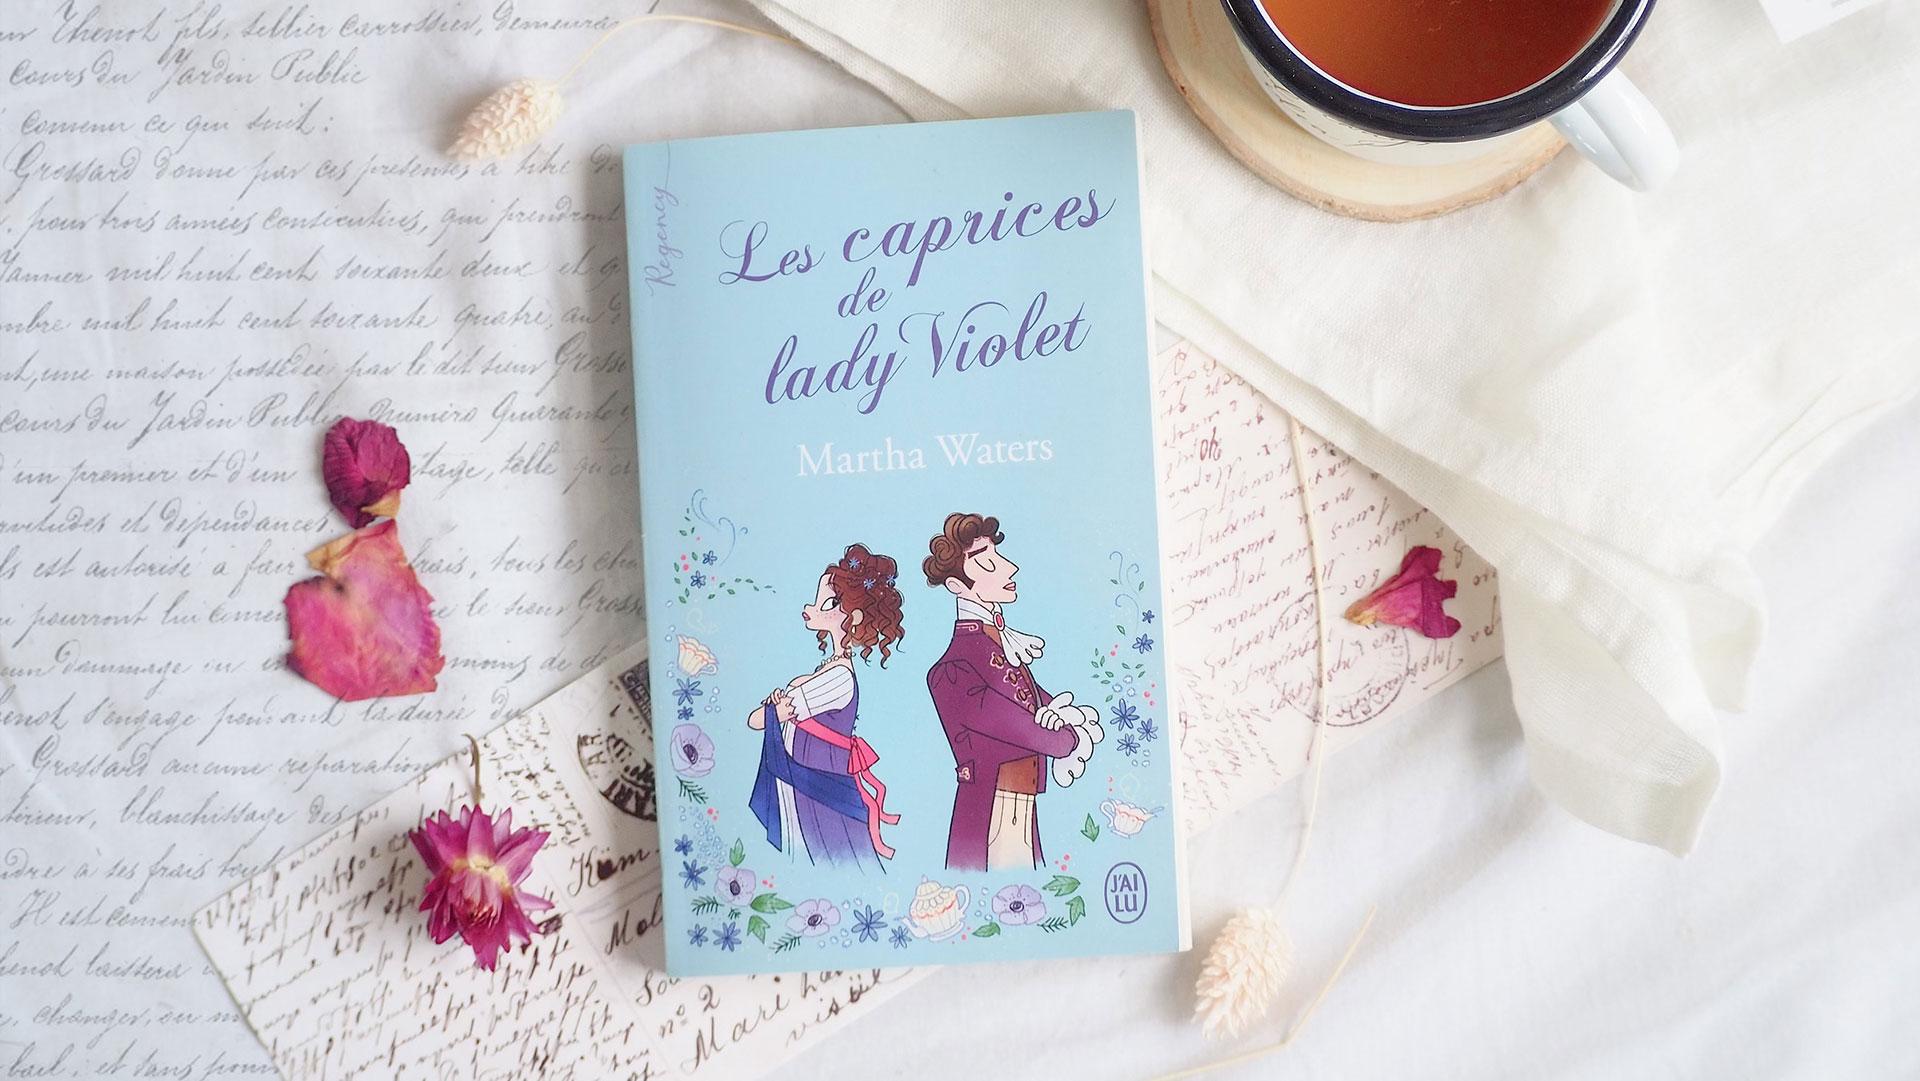 Les caprices de Lady Violet